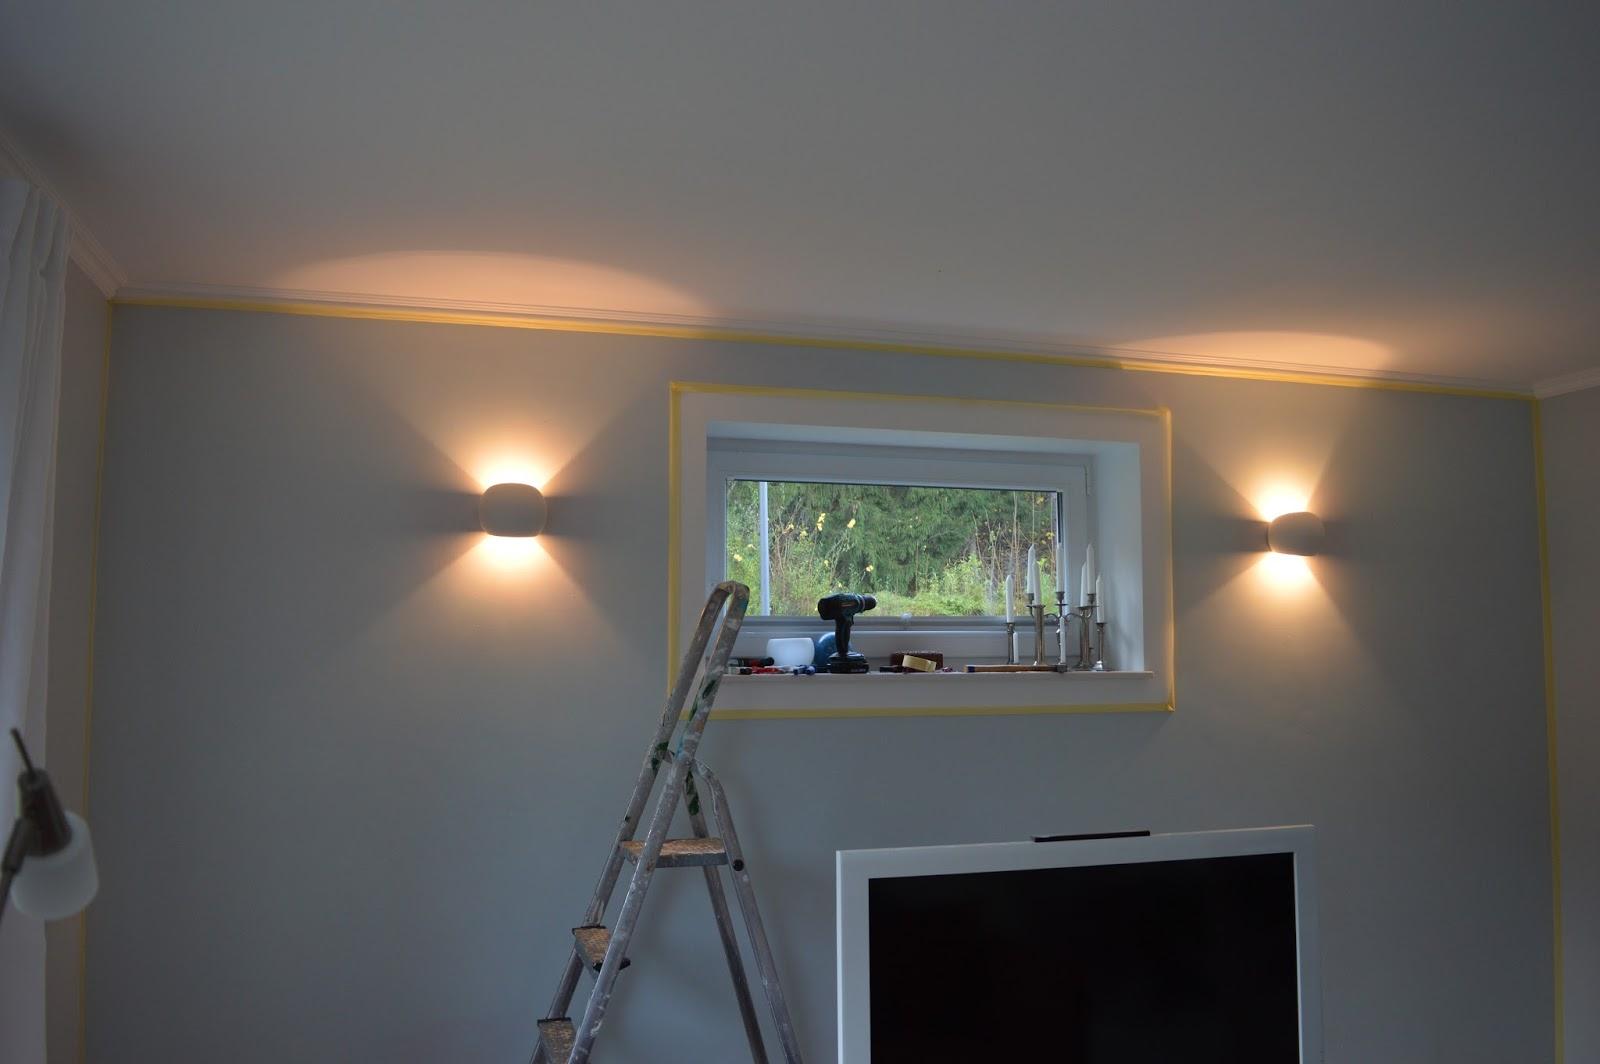 Heim elich: wohnzimmer wandlampen update